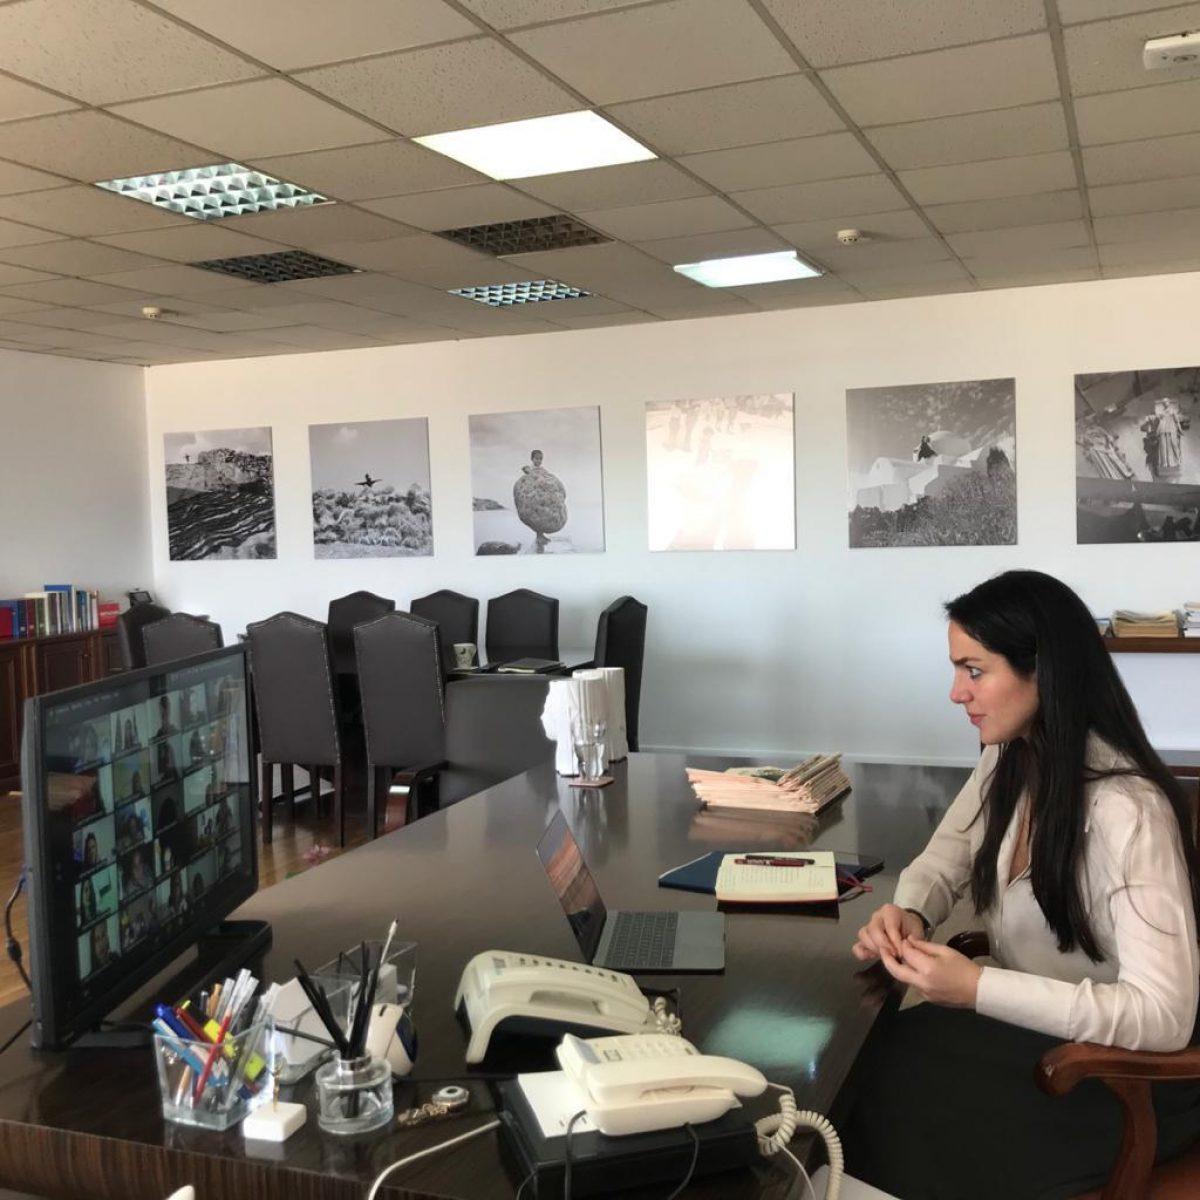 Υιοθεσίες και αναδοχές: Ξεκινούν τα εκπαιδευτικά σεμινάρια, επιταχύνεται η διαδικασία εντός πανδημίας